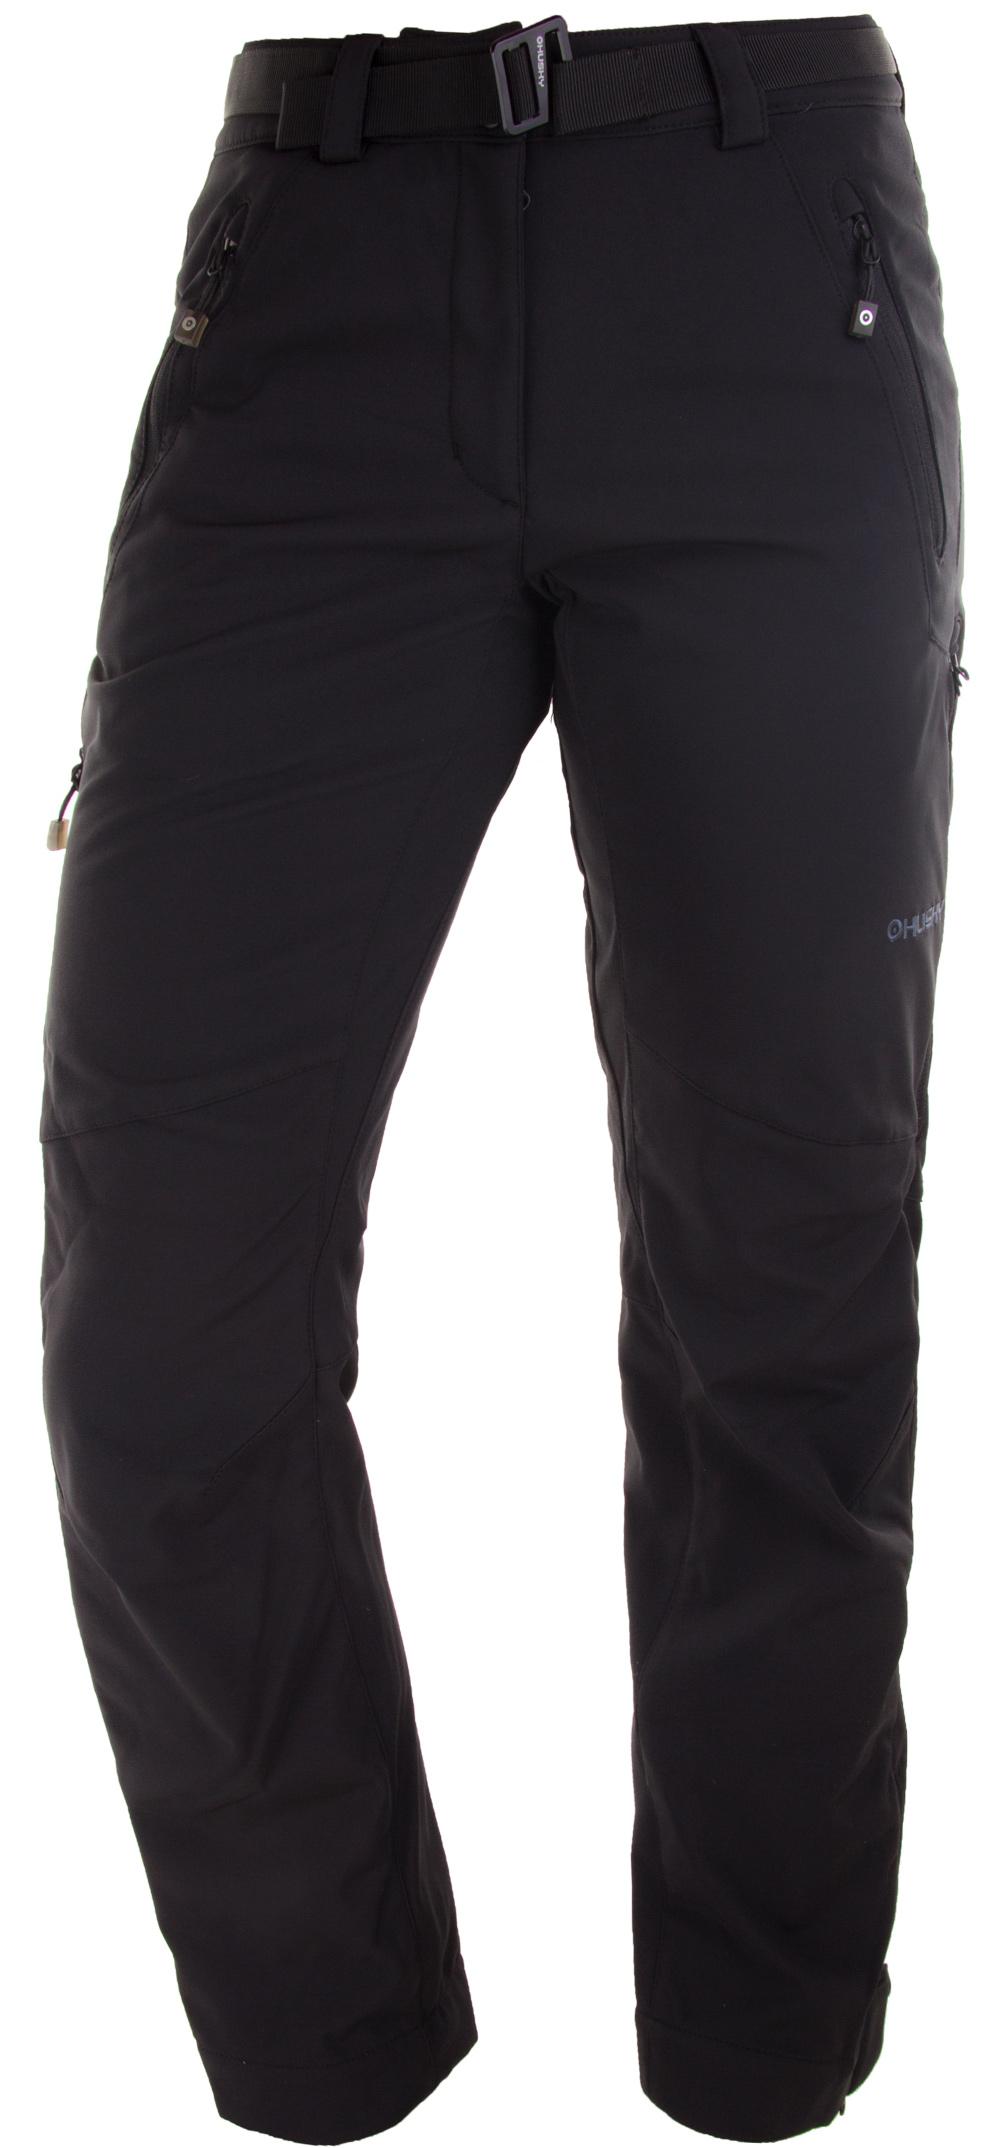 Women's ski pants HUSKY KRESI L